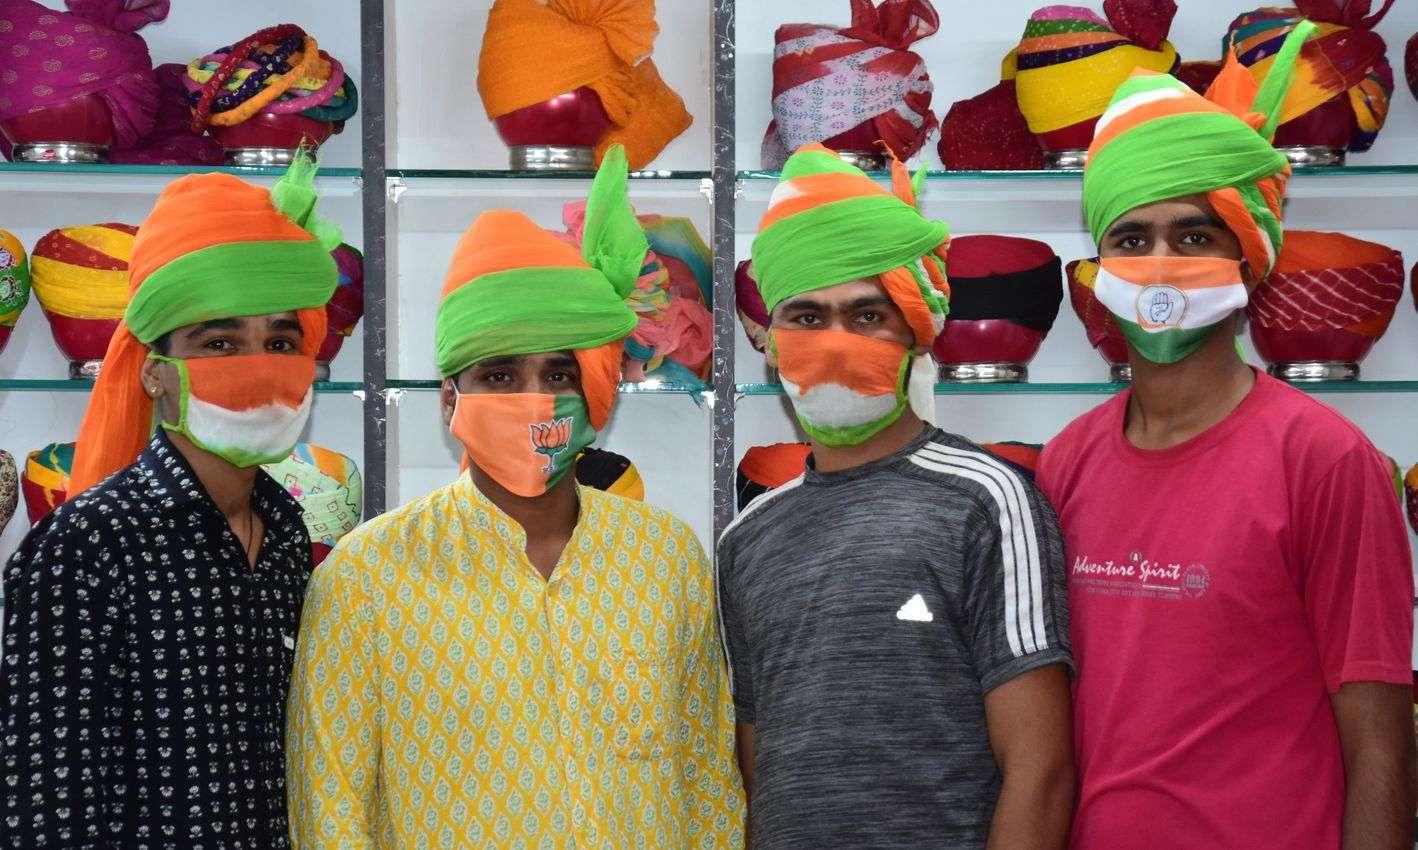 Watch Gallery- चुनावी रंग में नजर आ रहे जोधपुरी साफे...